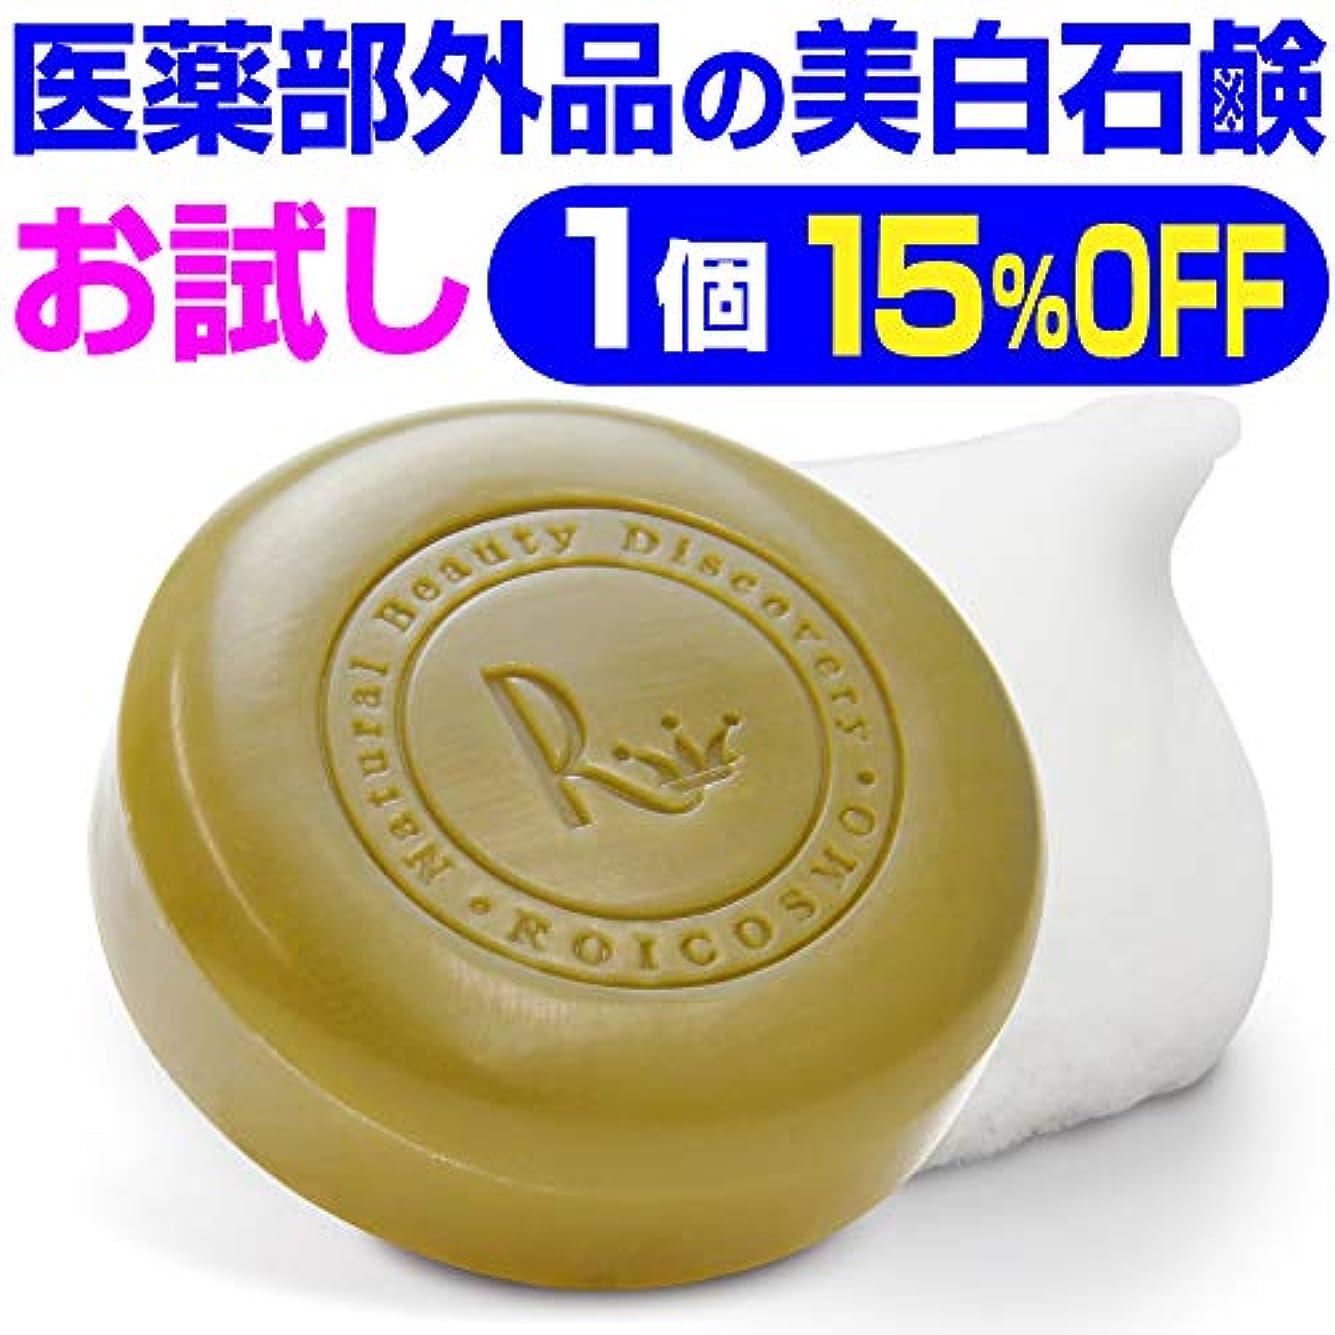 お試し15%OFF ビタミンC270倍の美白成分配合の 洗顔石鹸 固形『ホワイトソープ100g×1個』(初回限定)